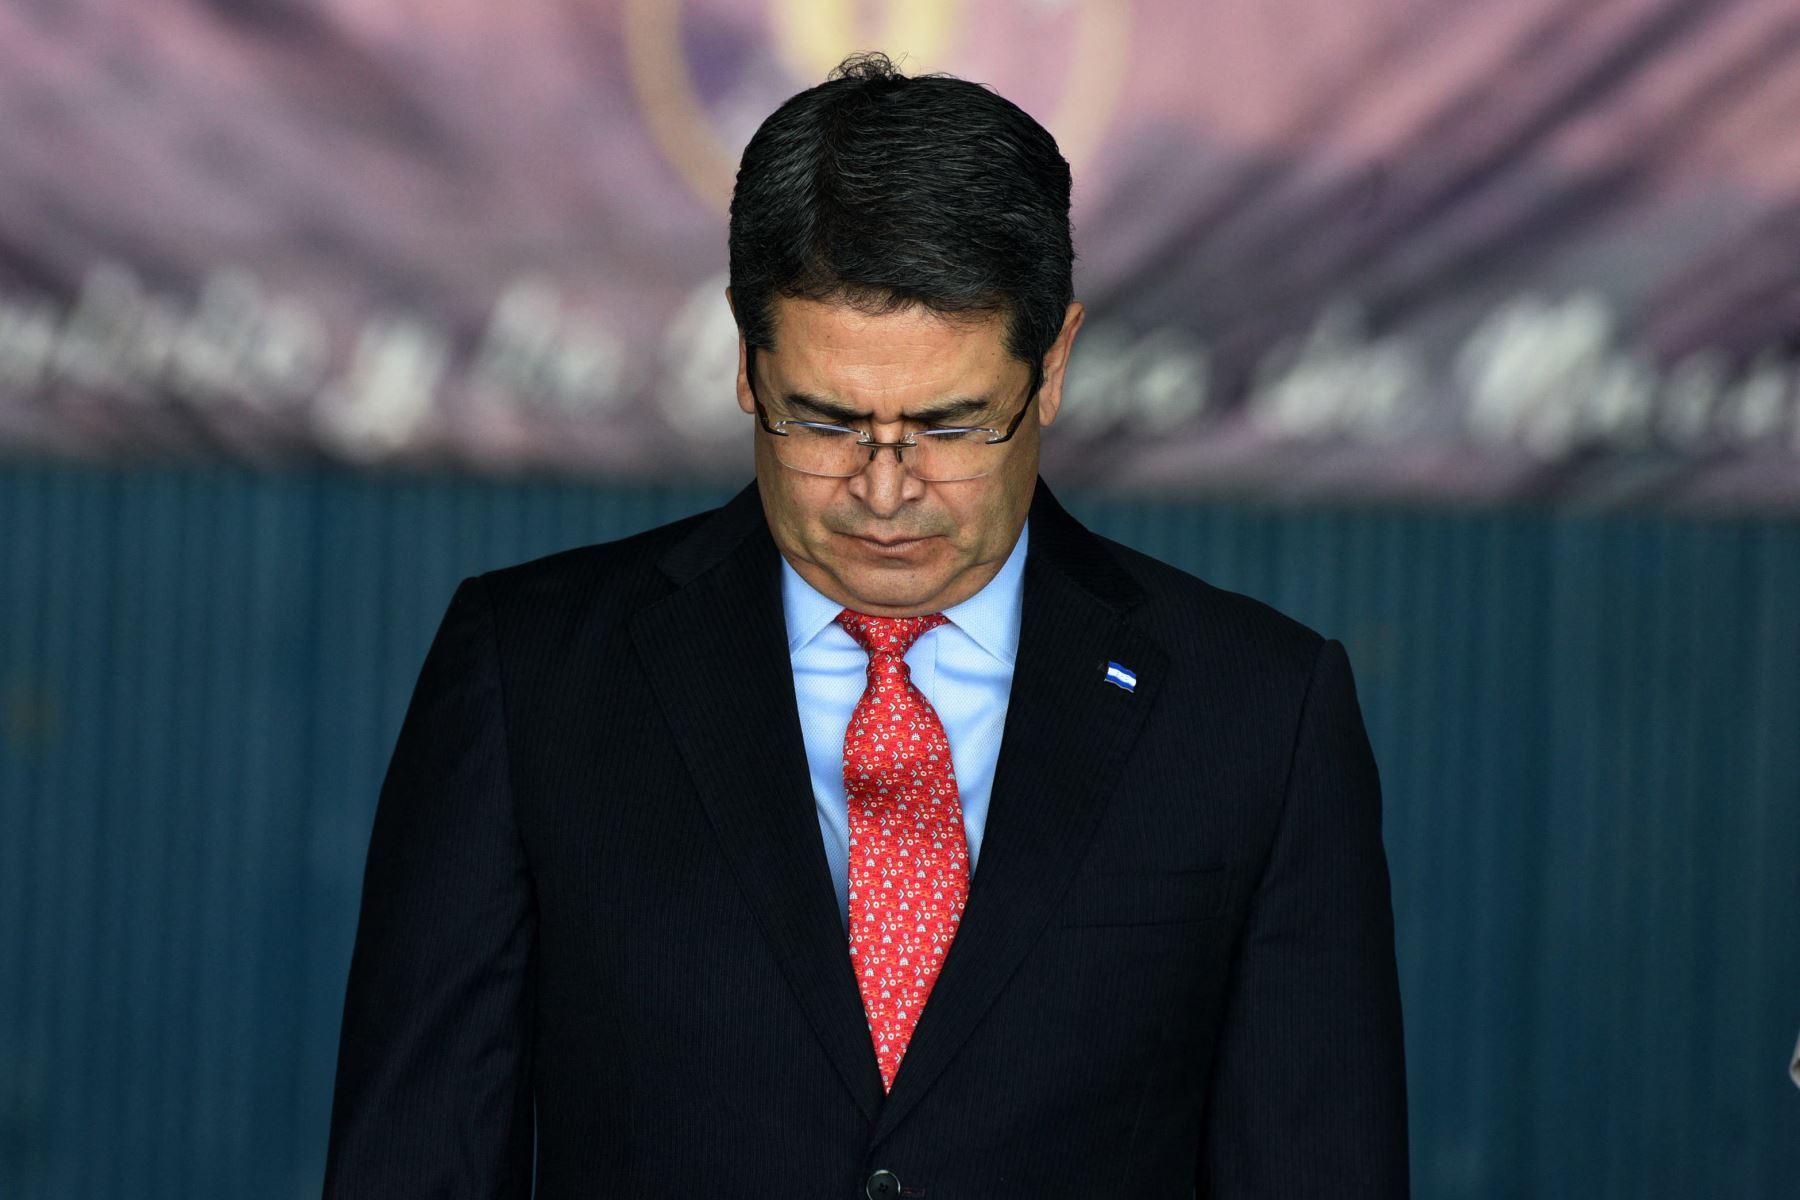 Hermano del presidente de Honduras condenado en EE. UU. a cadena perpetua por narcotráfico. Foto: AFP.